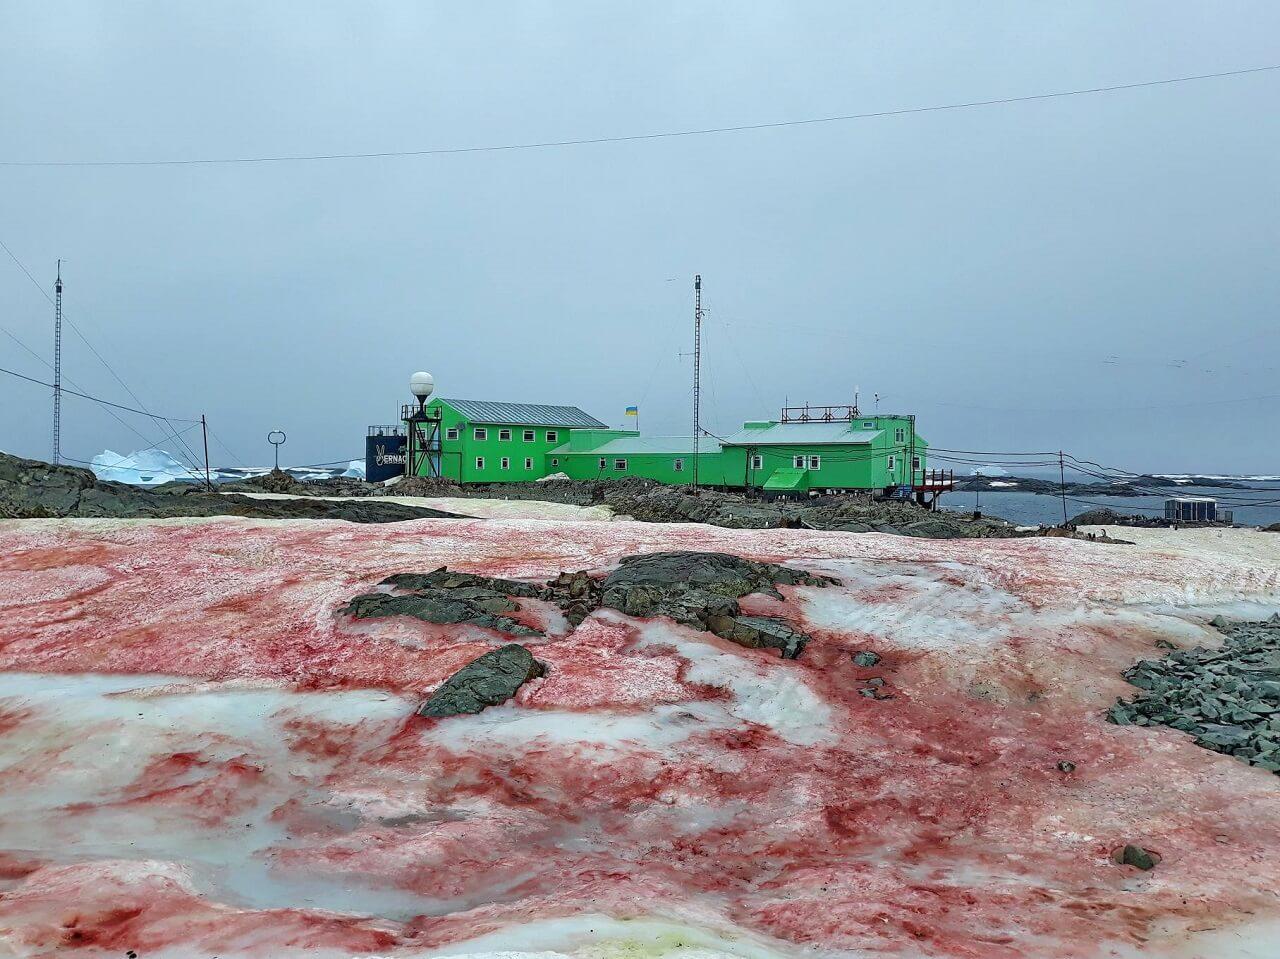 ანტარქტიდაზე სისხლისფერი თოვლი და ყინული დააფიქსირეს — მიზეზი საკმაოდ სახიფათოა